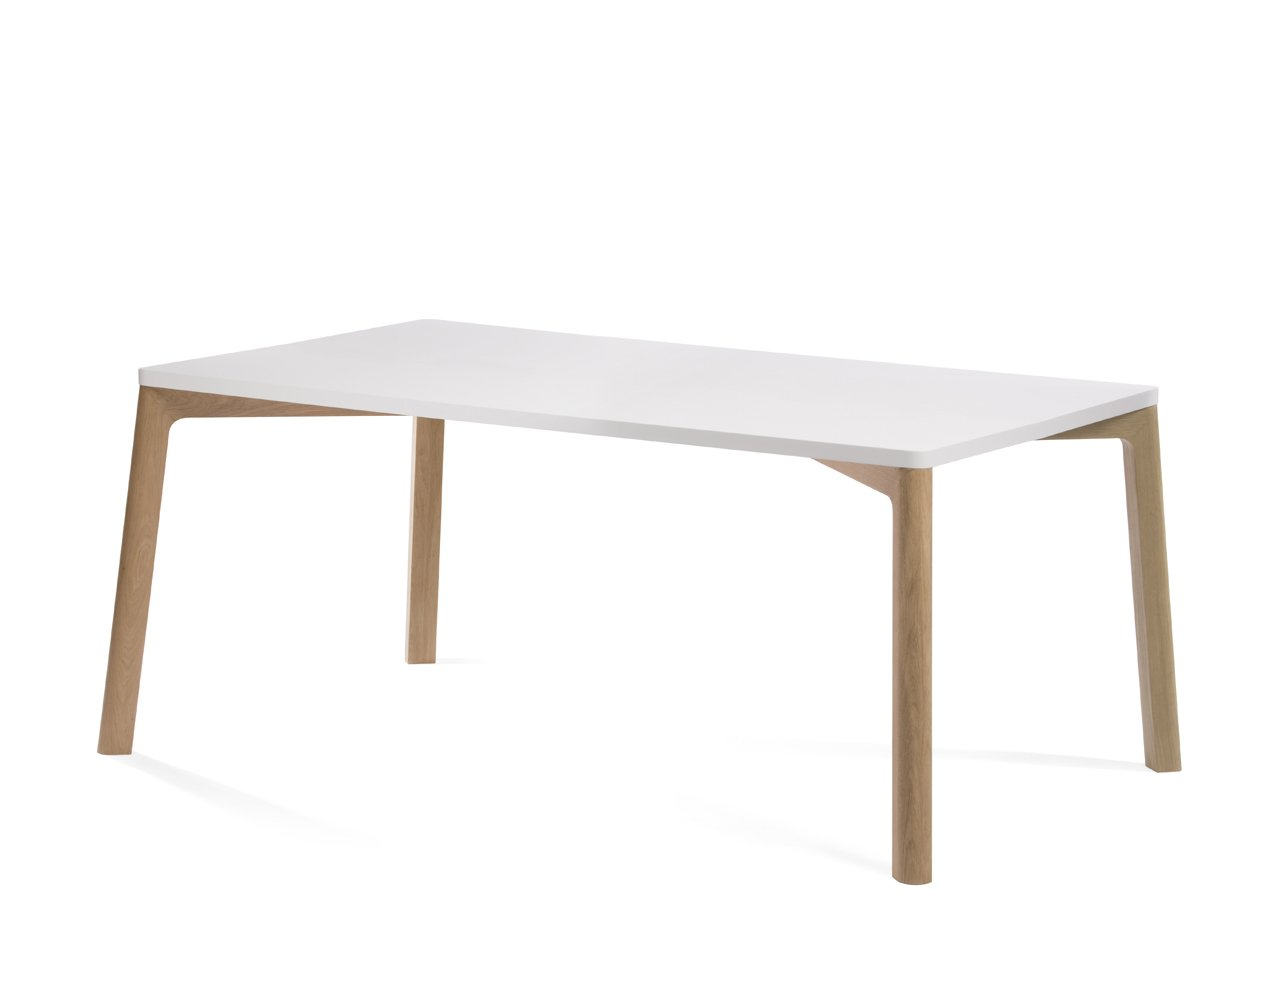 Außergewöhnlich Esstisch Weiß Holz Dekoration Von Küchentisch Weiß 160